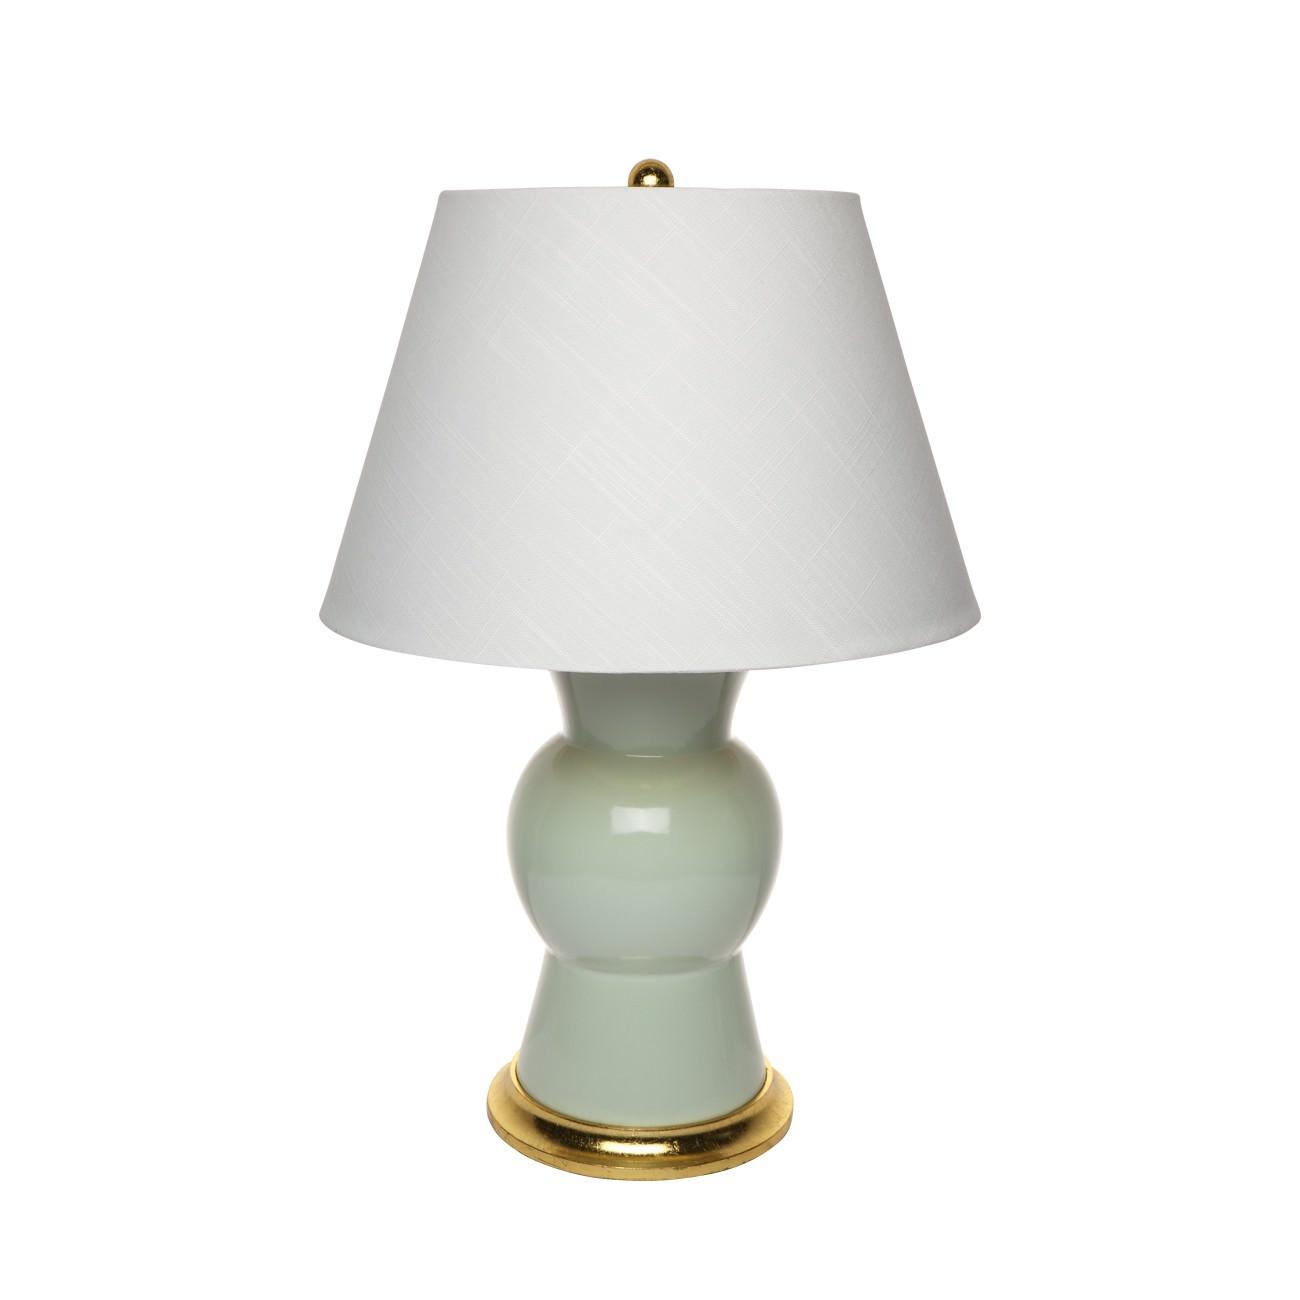 Dorchestor Ceramic Base Table Lamp